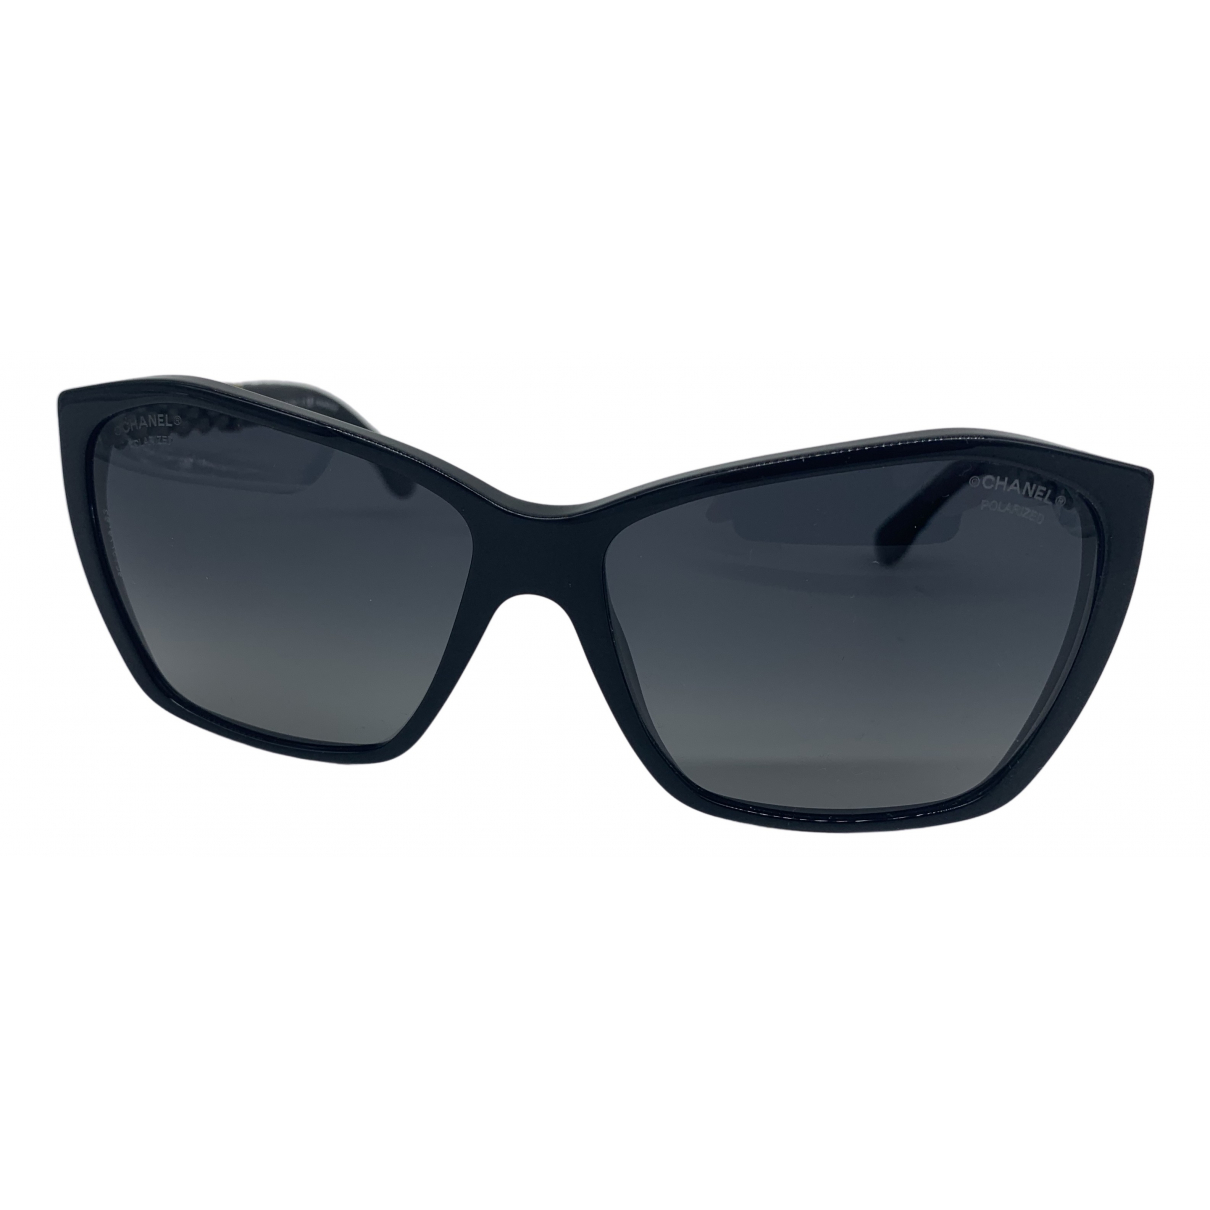 Gafas Chanel